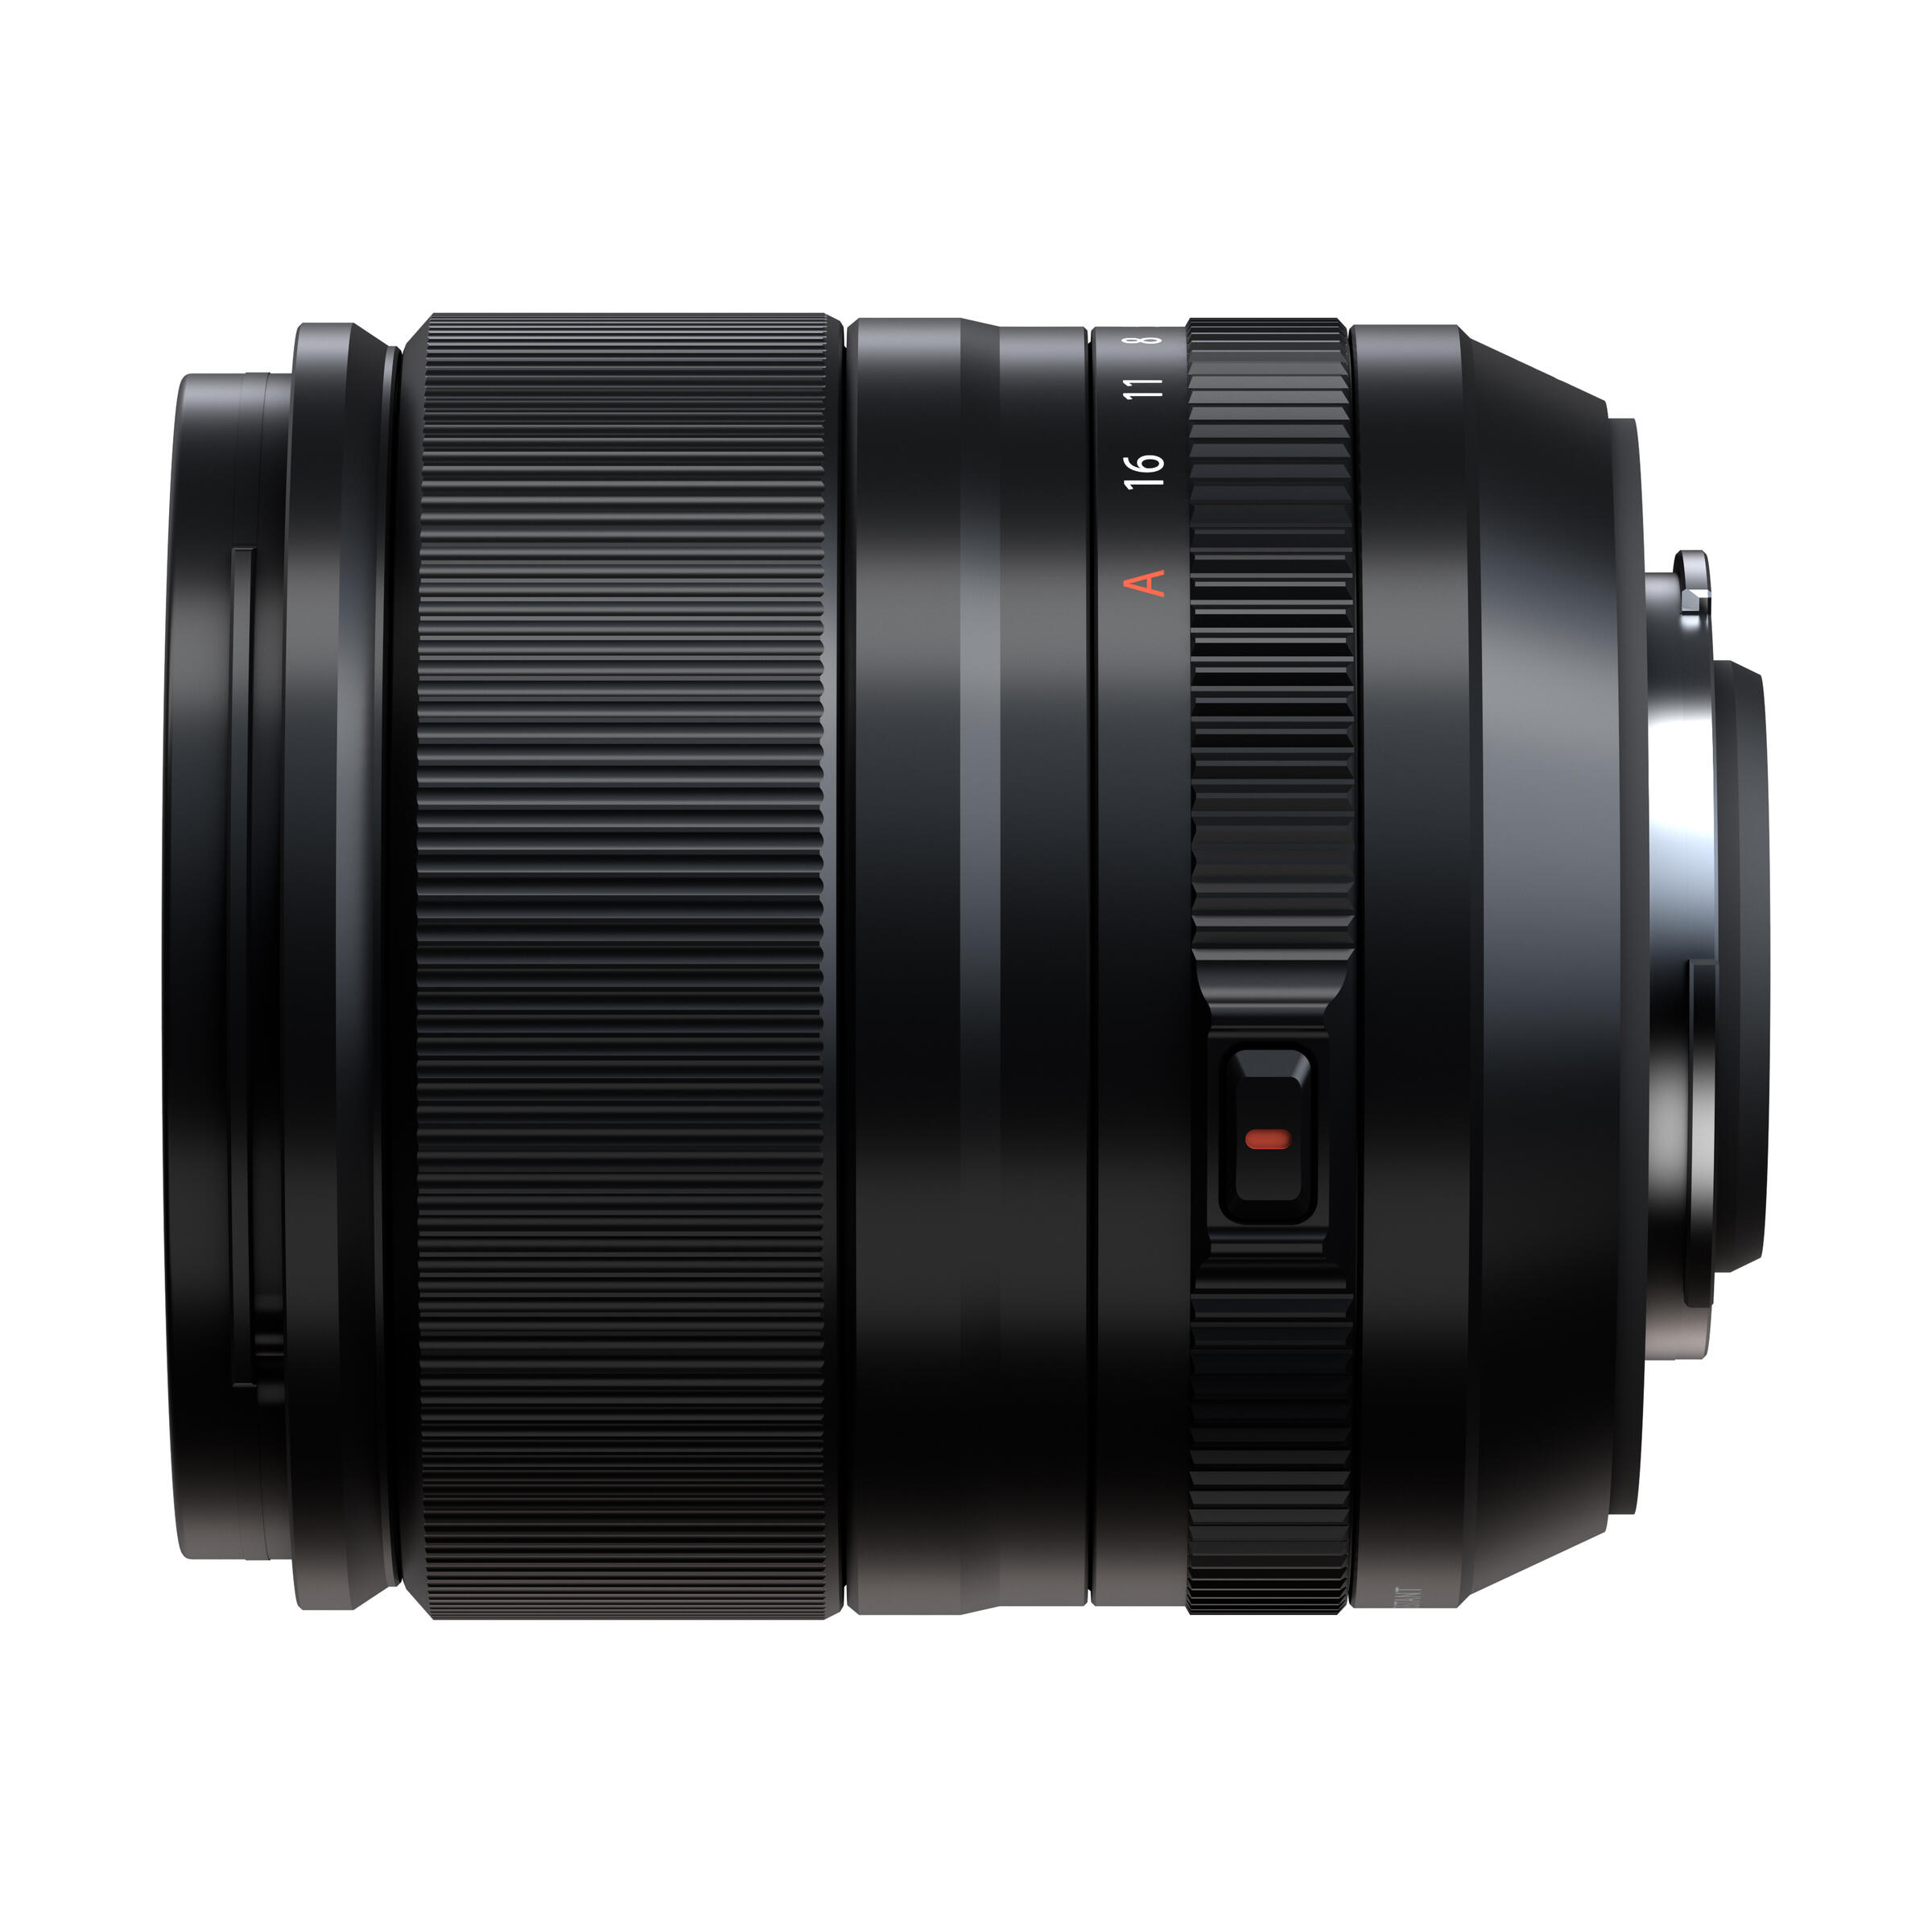 FUJIFILM XF 33mm f/1,4 R LM WR